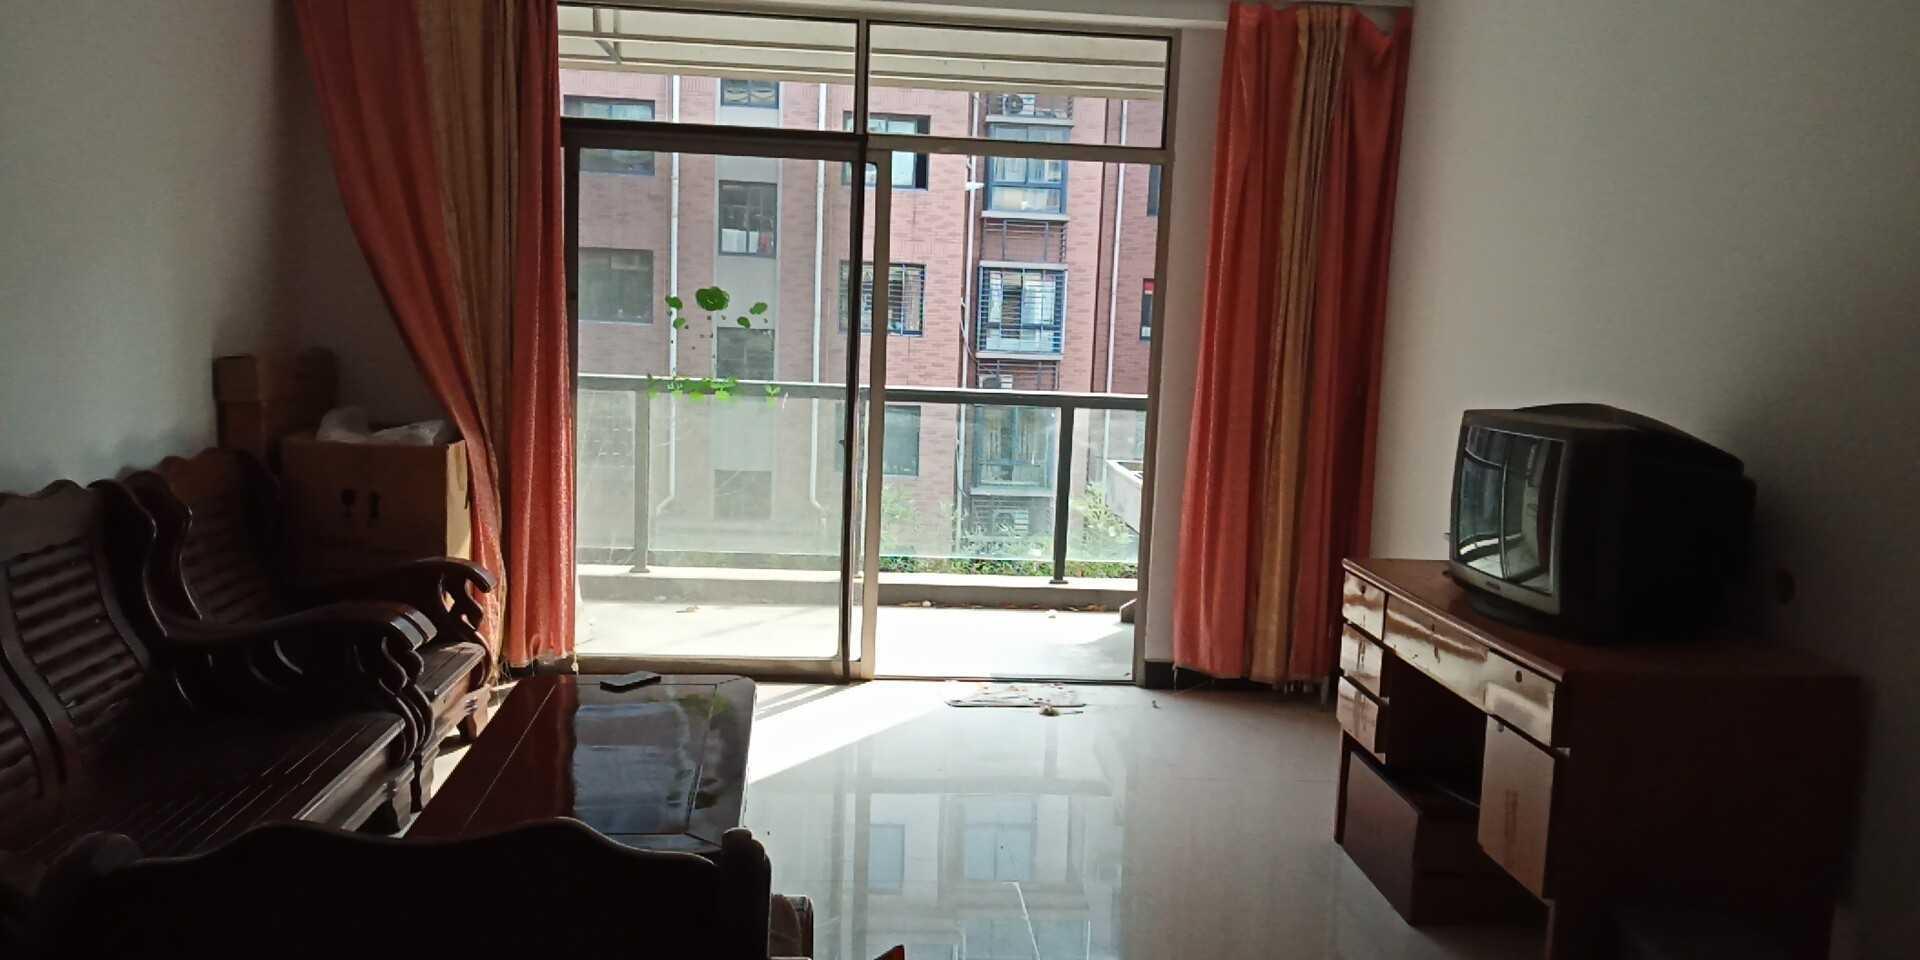 01238出租三江城仙乐路2楼,2室1厅1厨1卫,新装修